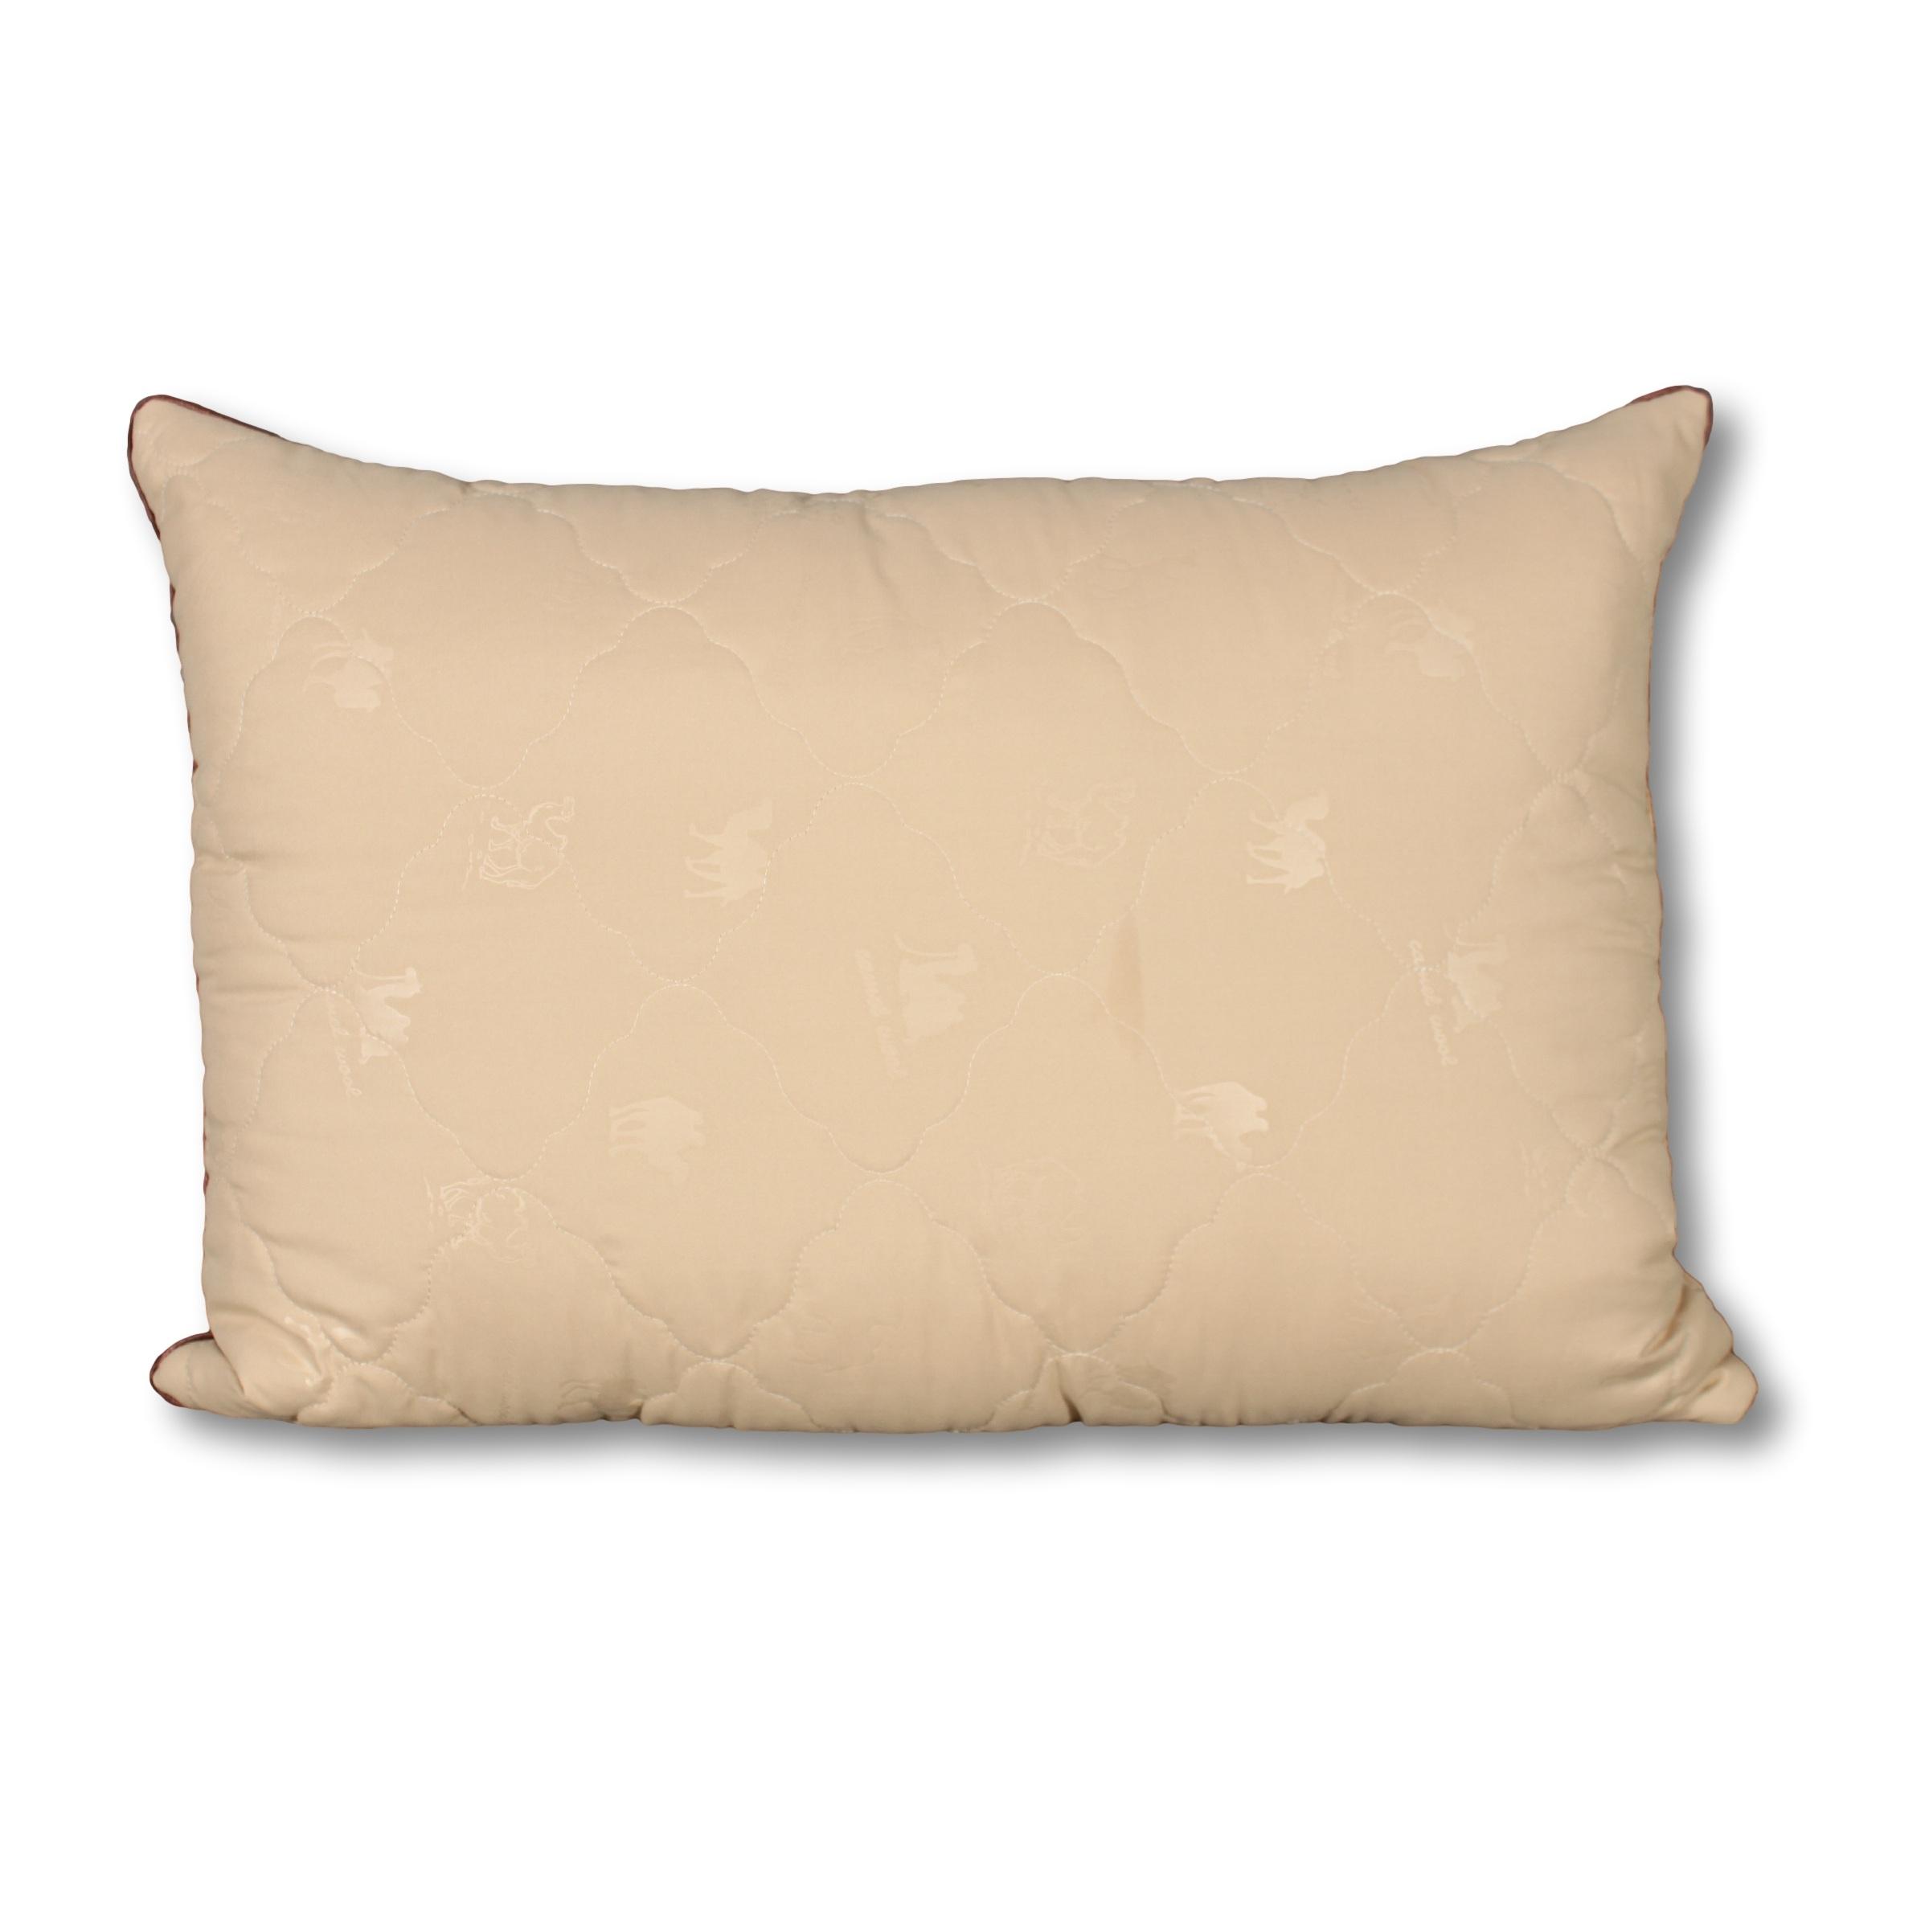 3602057295f0 Купить подушку из овечьей шерсти в интернет-магазине | ТекстильБест